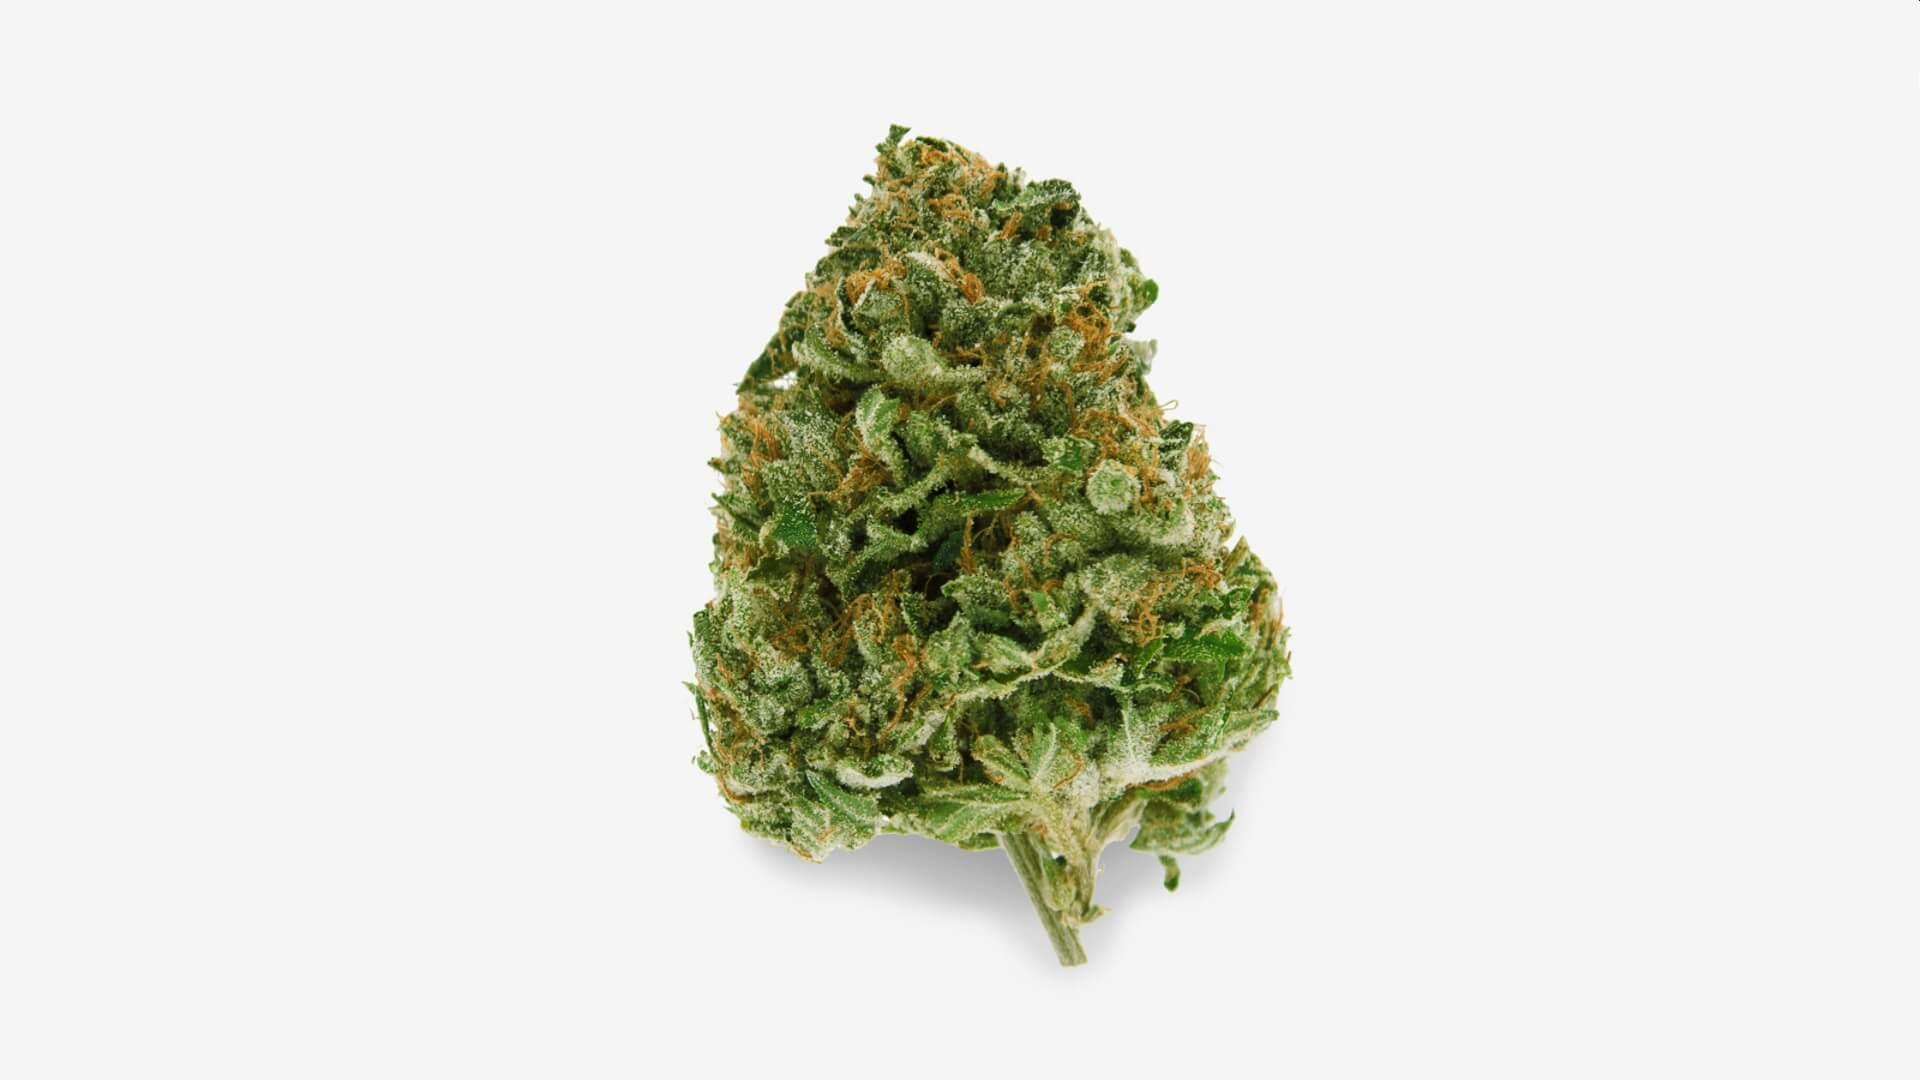 Cresco cannabis flower